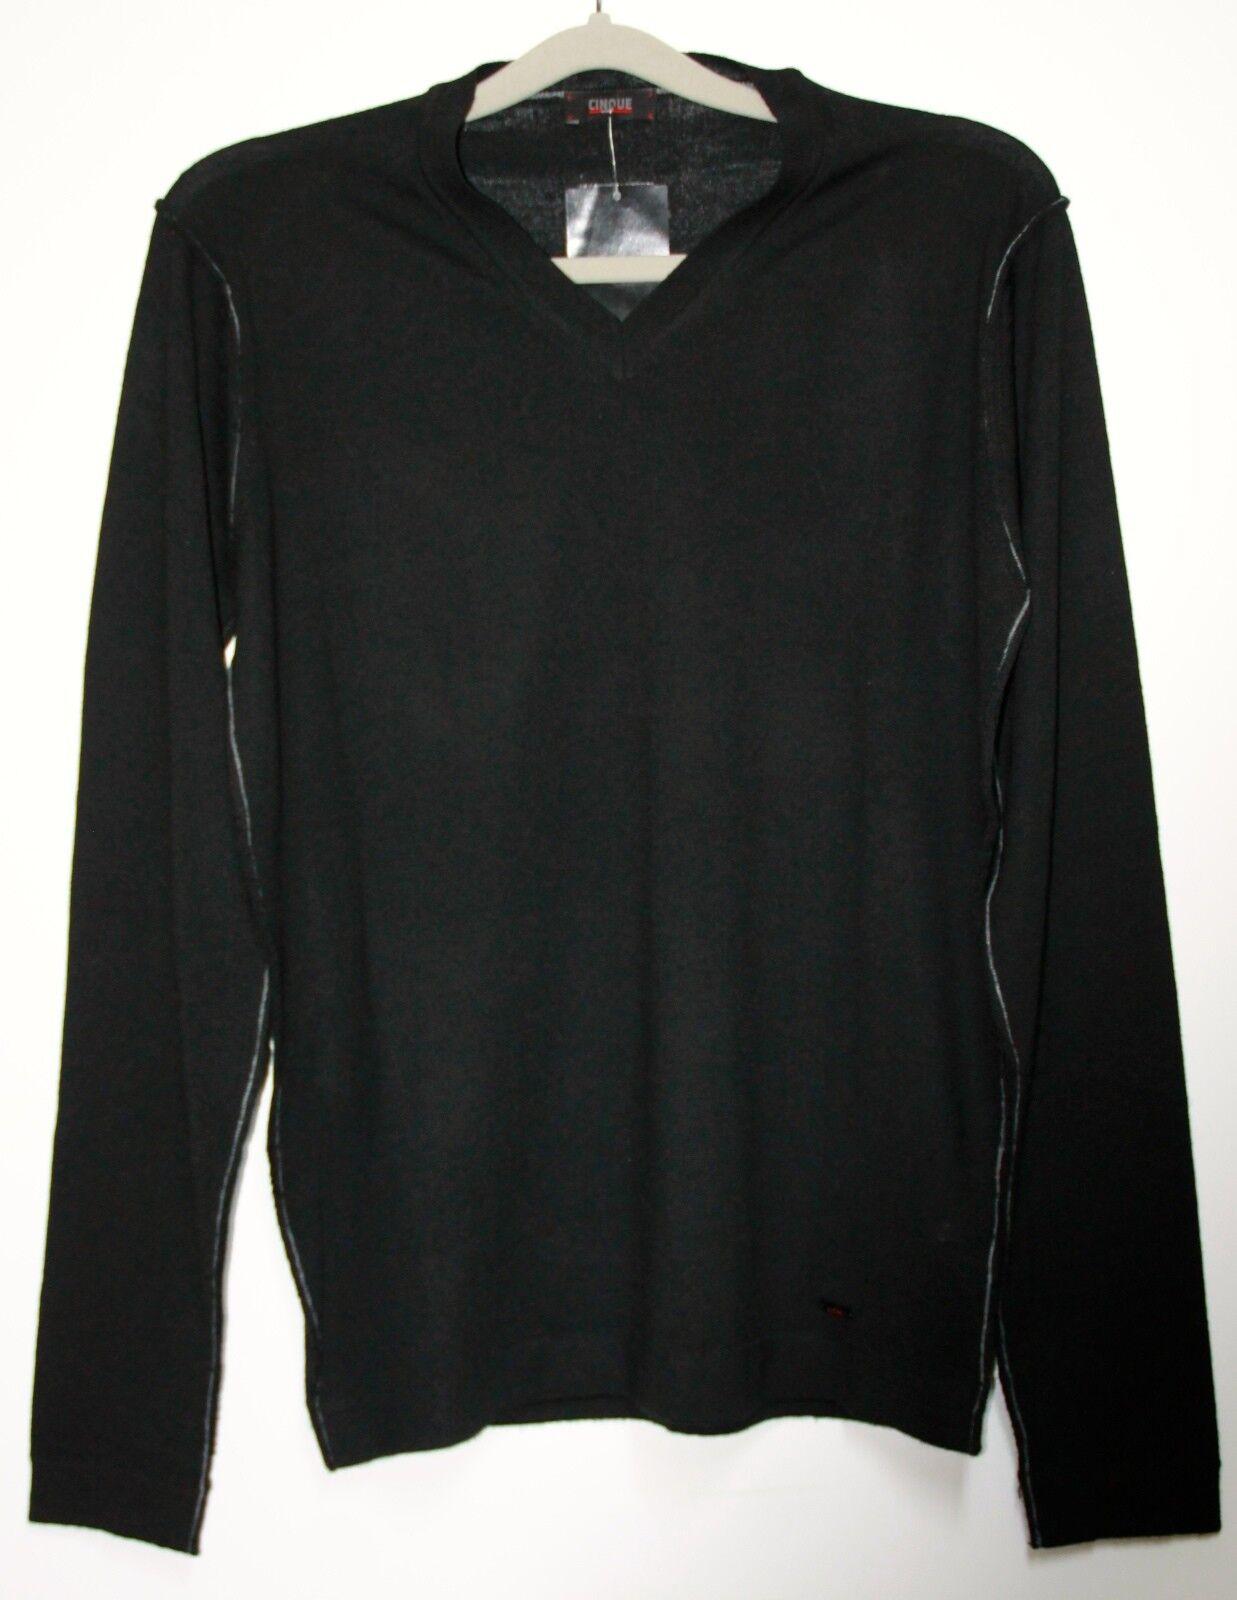 CINQUE Strick Pullover Cimiles Herren in Schwarz  Größe XL  Neu mit Etikett